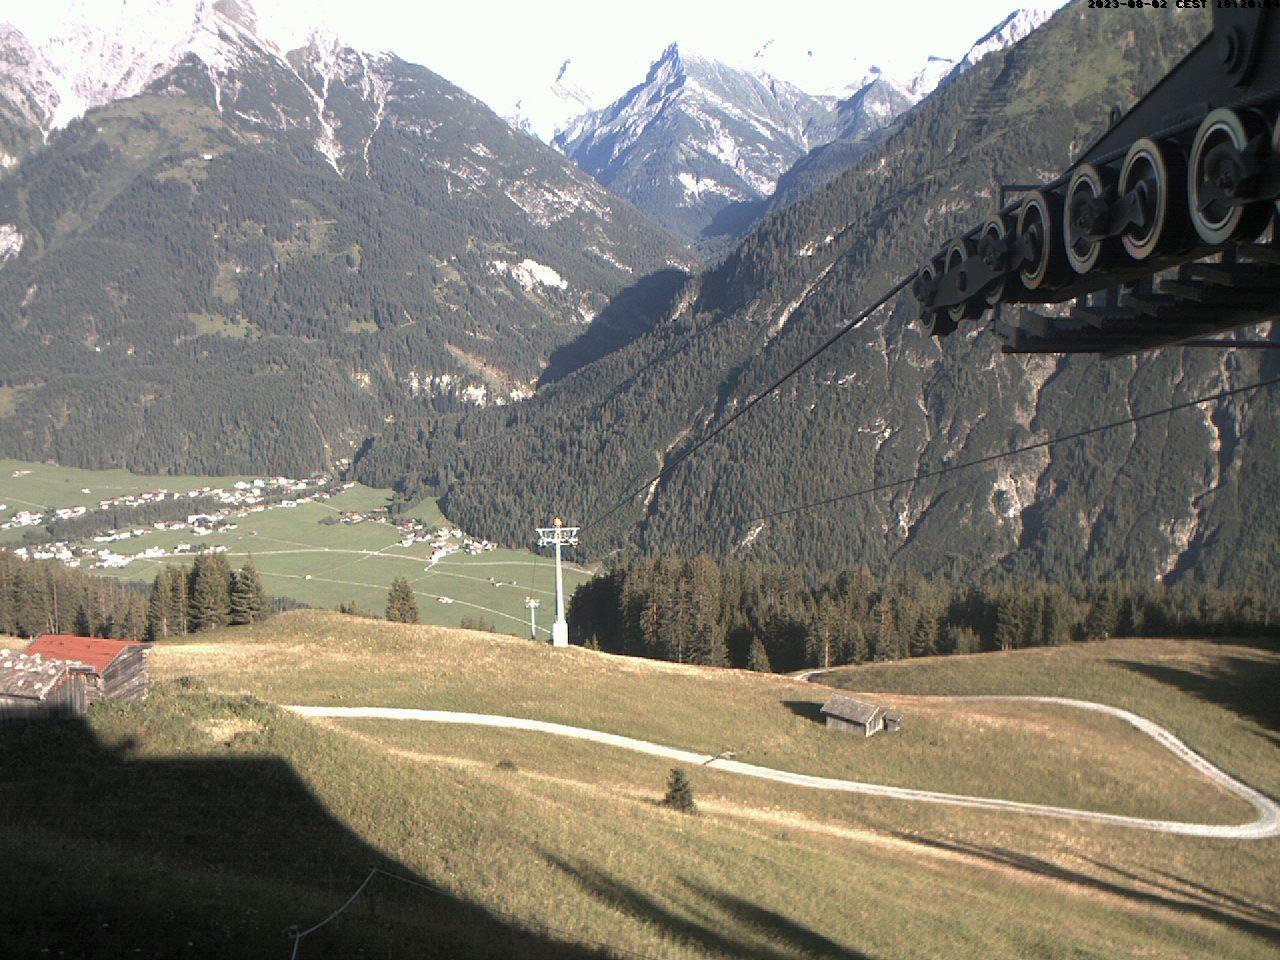 Bergstation Jöchelspitzbahn